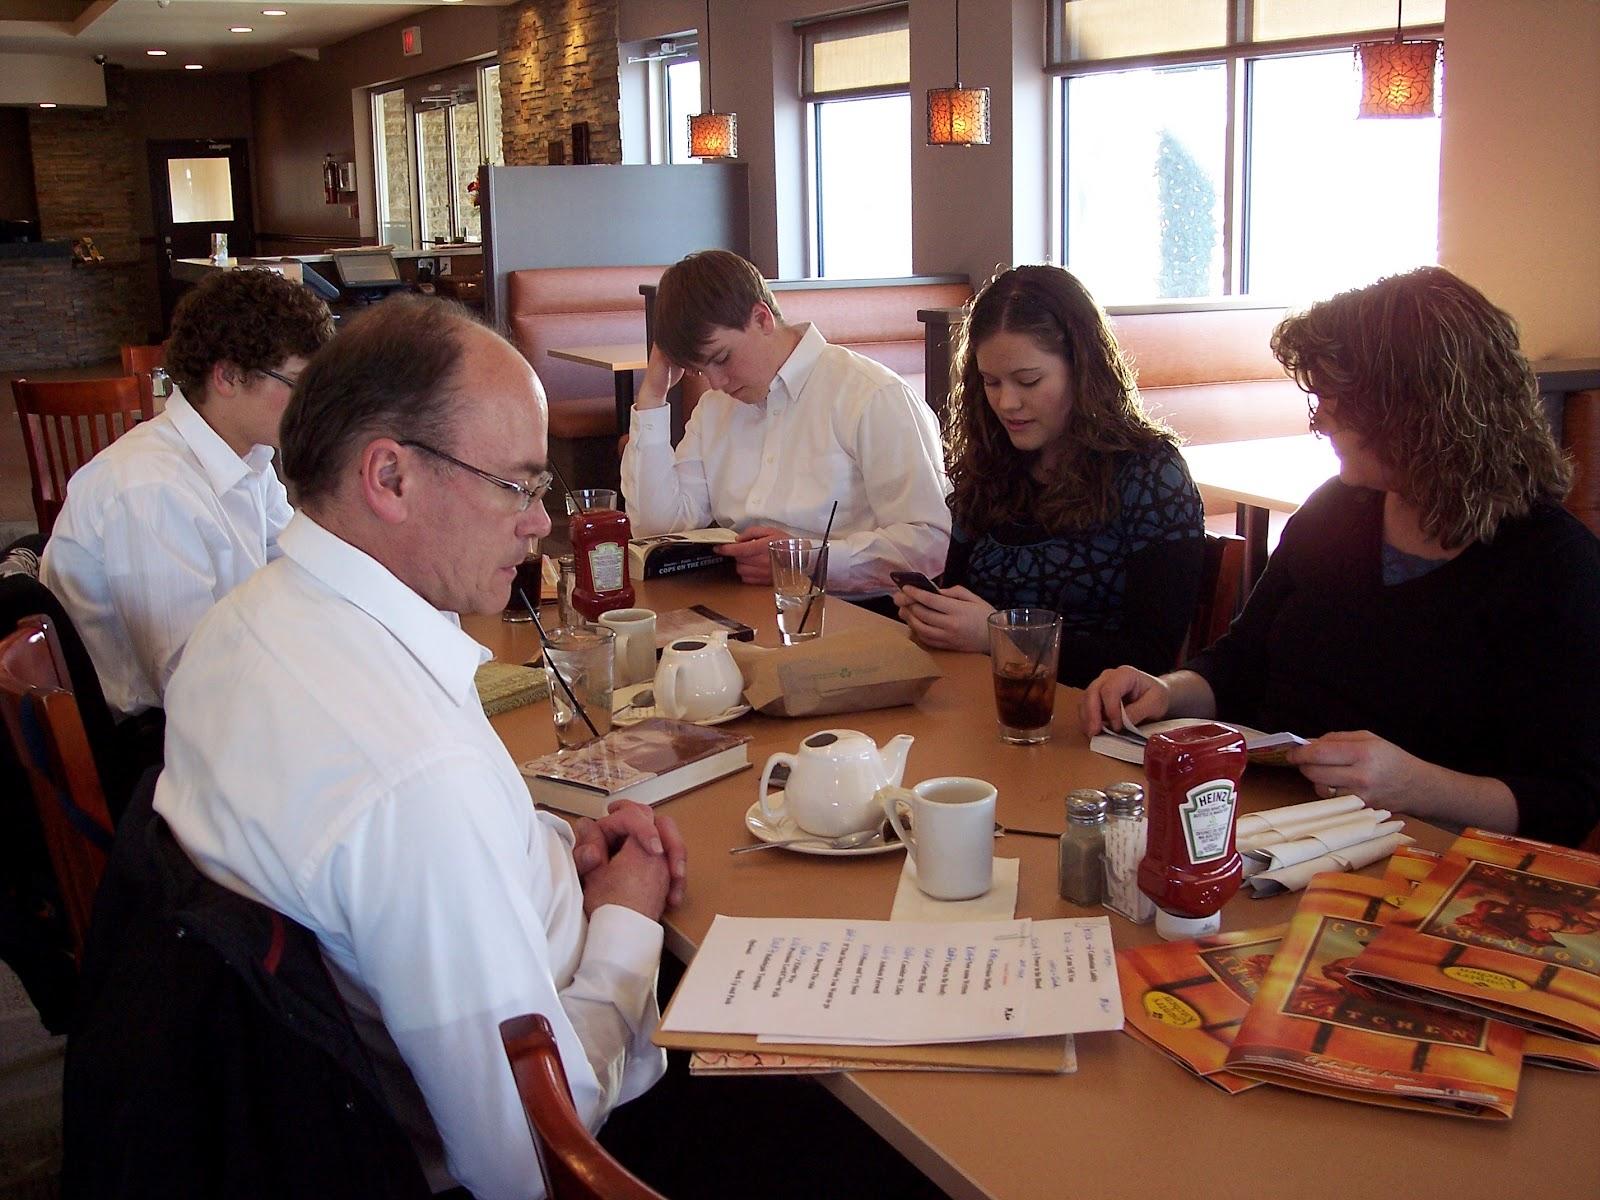 Country Kitchen Restaurant Winkler Mb